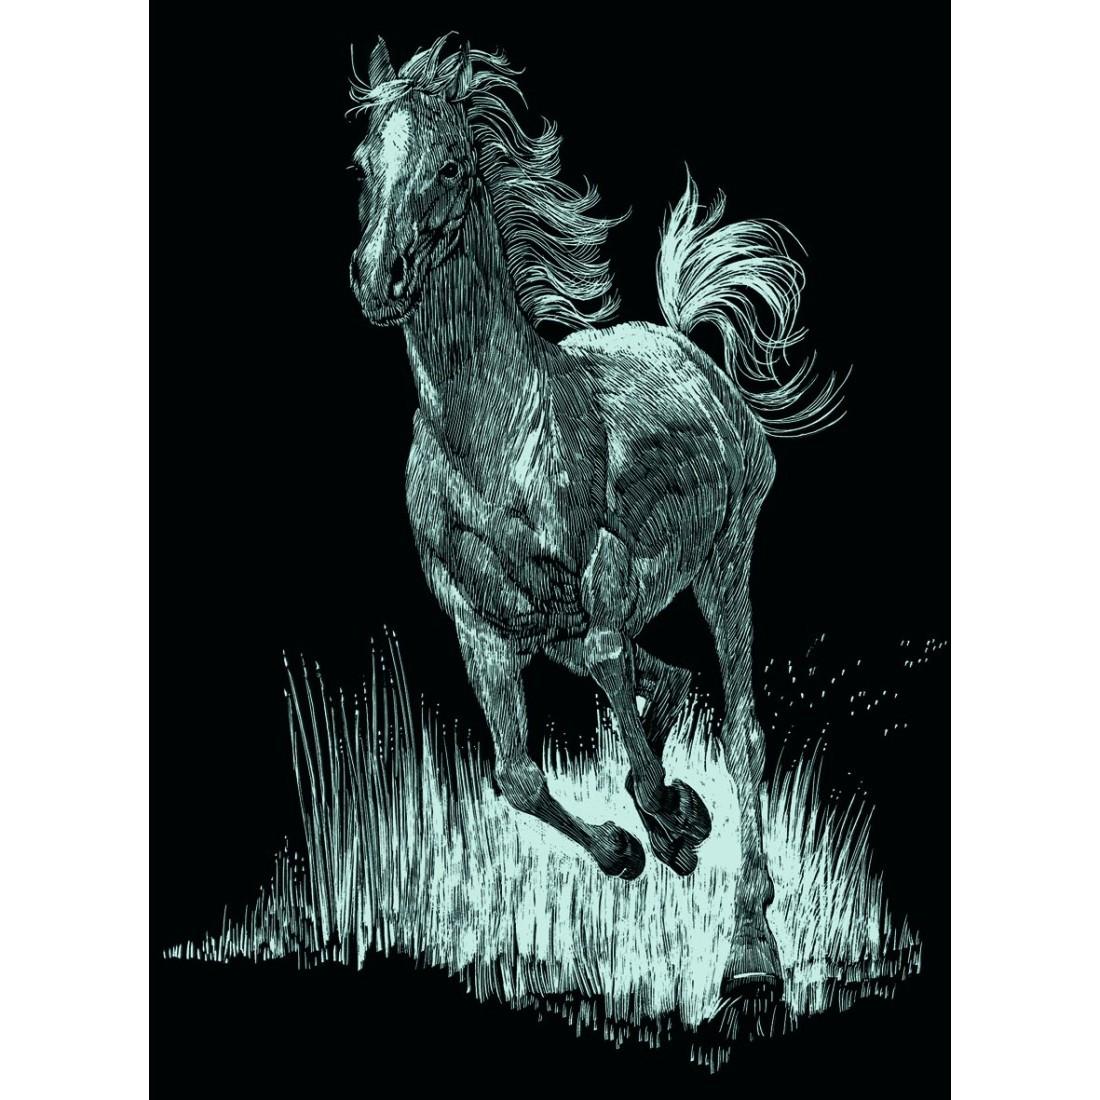 Купить вышивку бисером лошади в интернет-магазине с доставкой 1